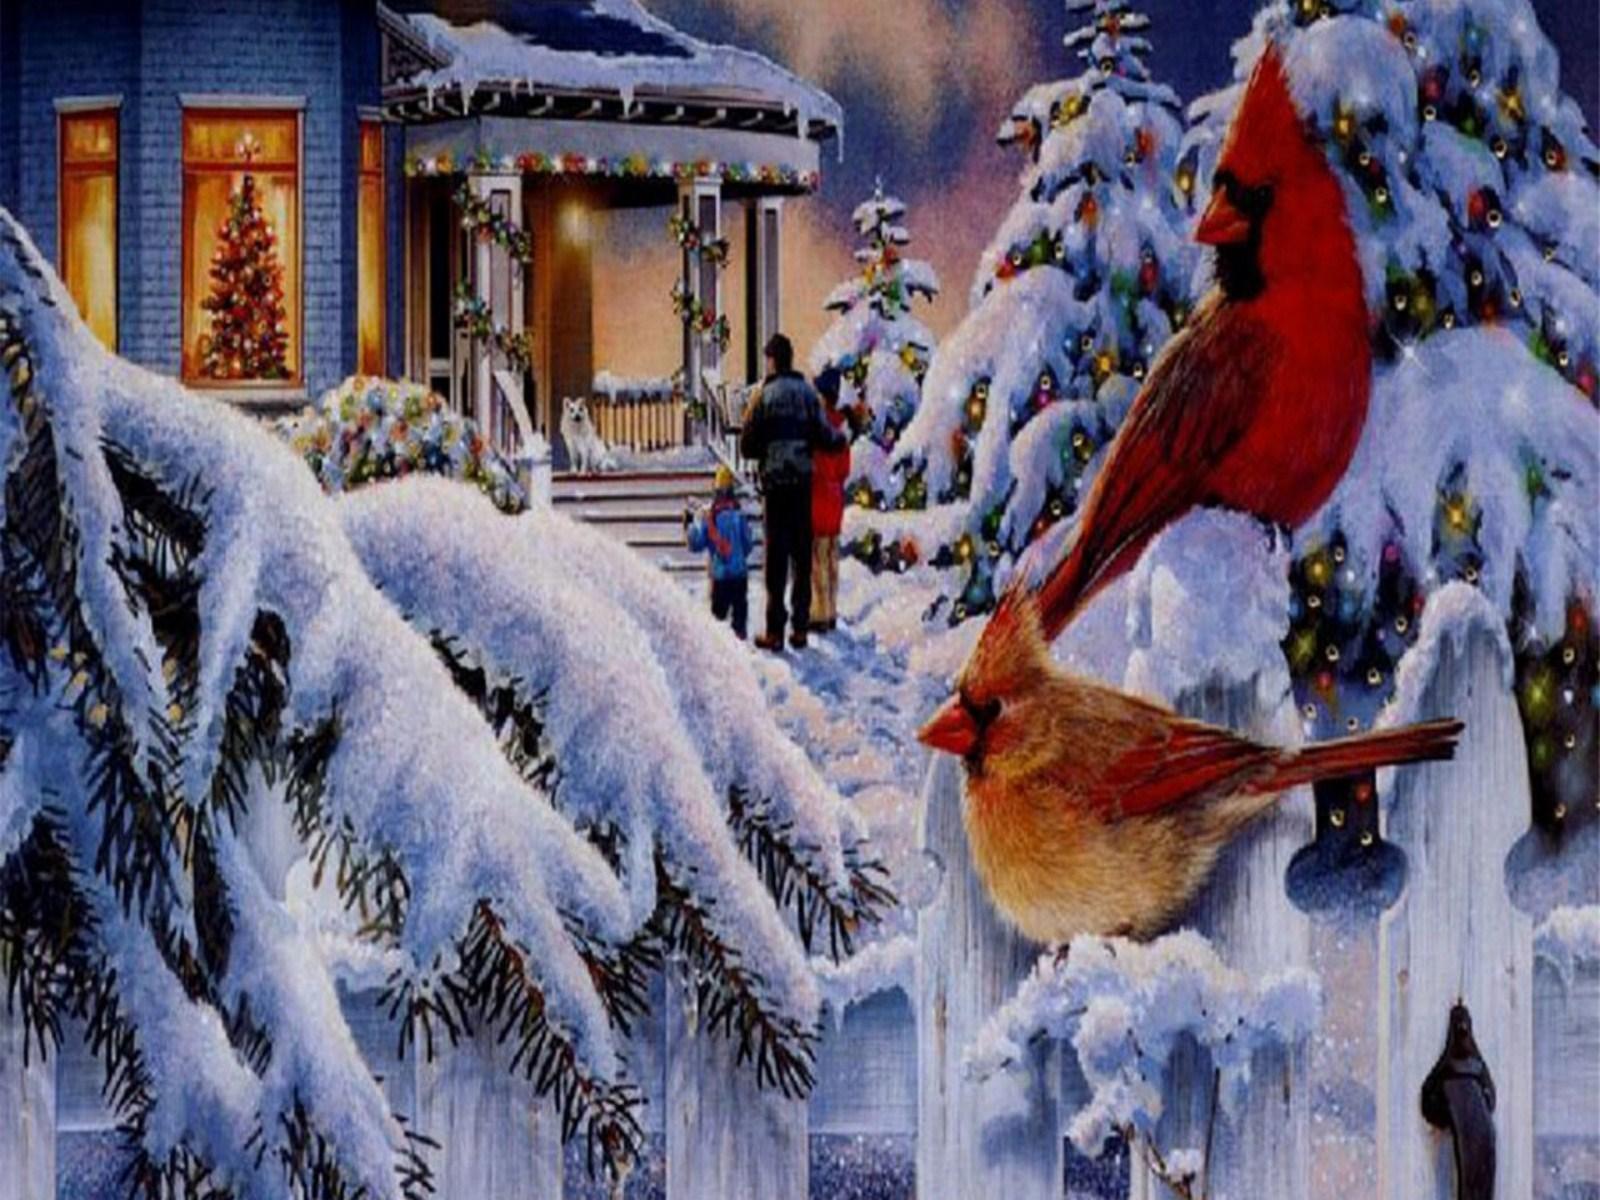 Christmas Scene Wallpaper Download Christmas   Good 1600x1200